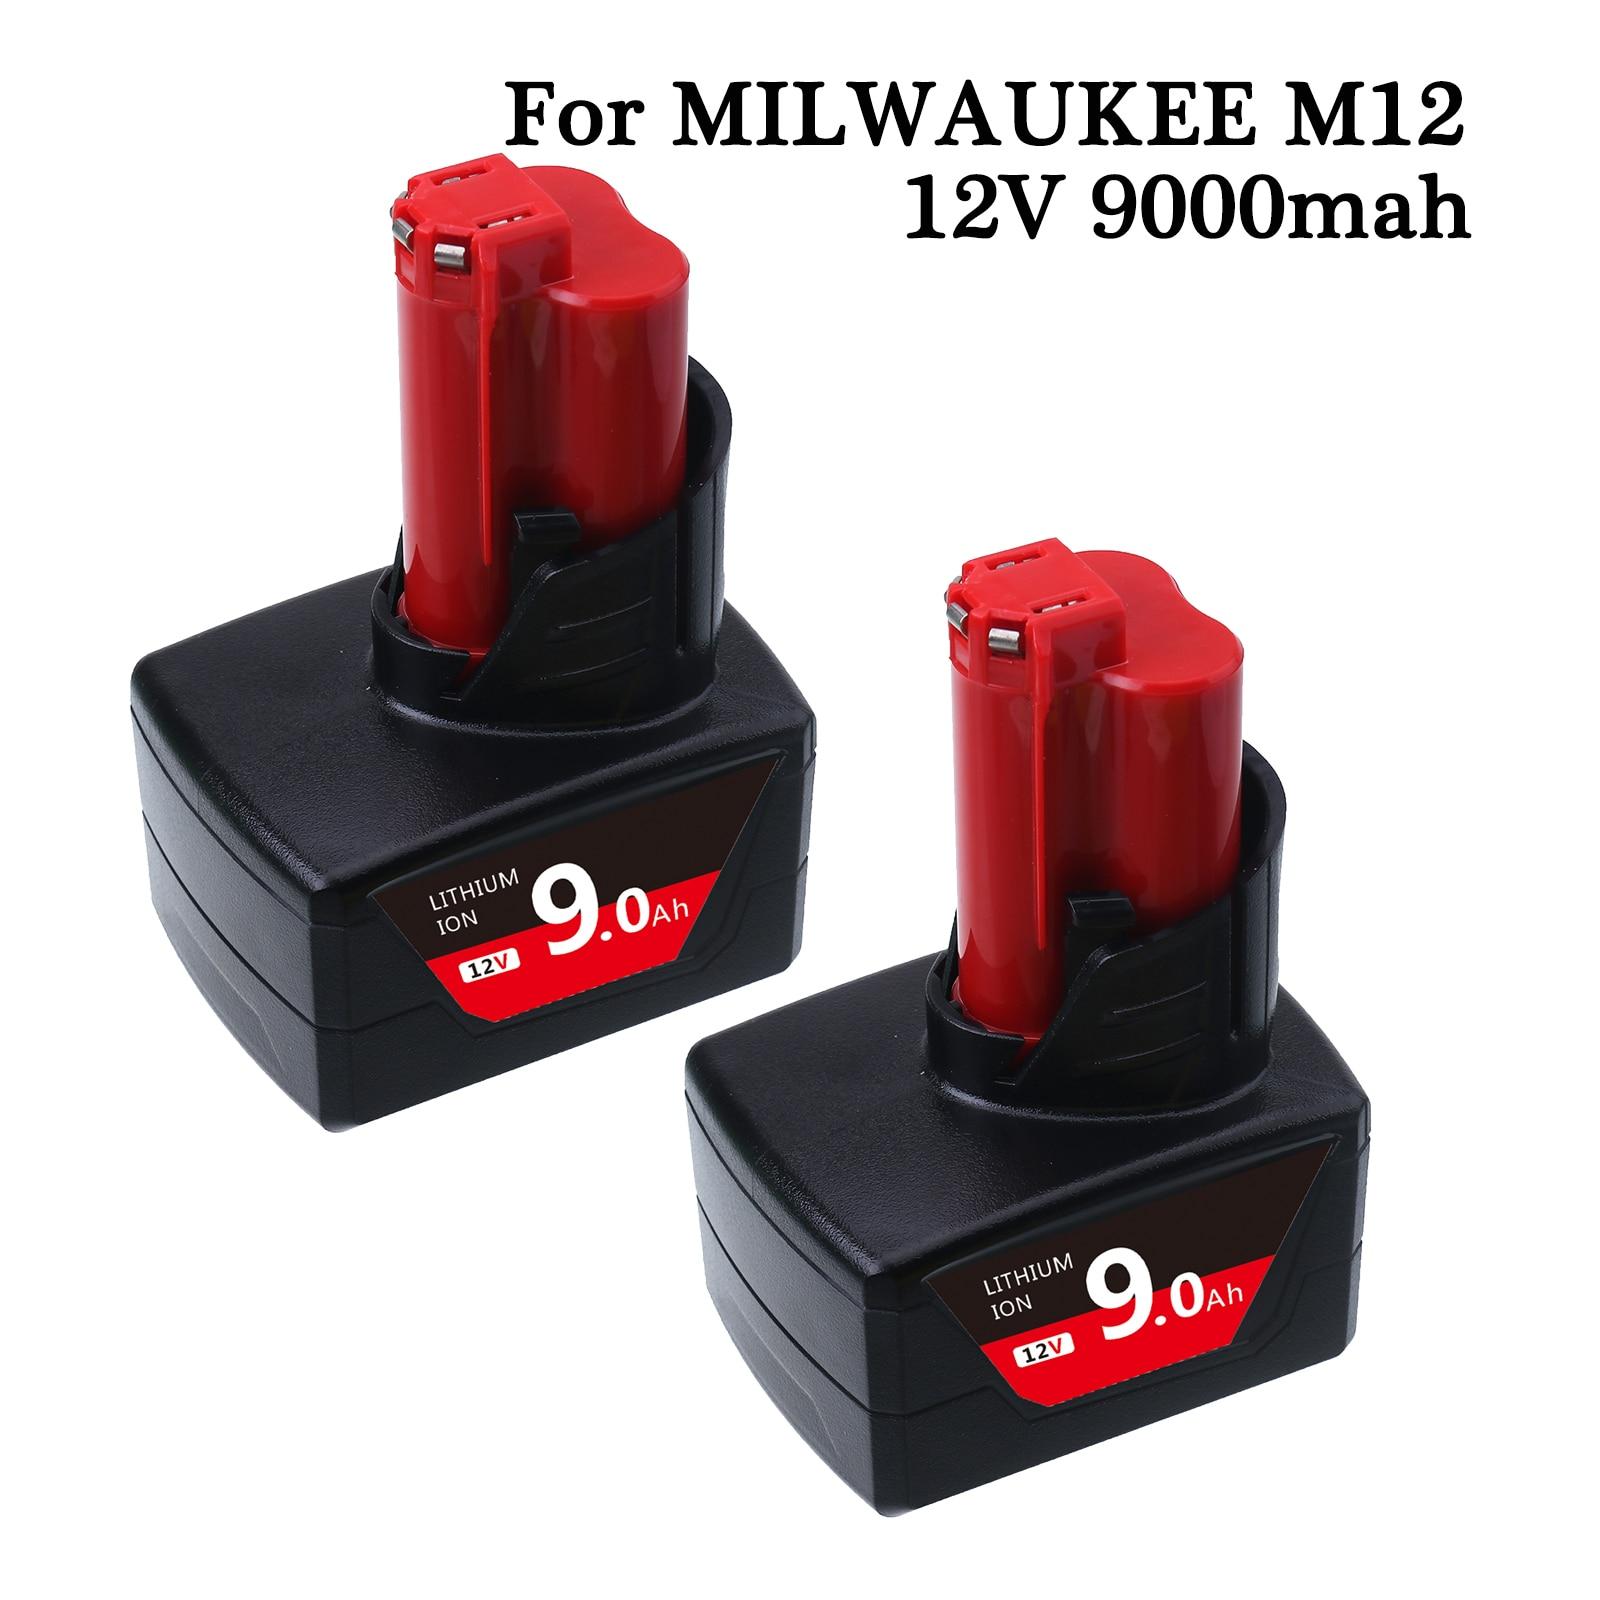 بطارية بديلة 9000mAh 12 فولت لميلووكي M12 XC 48-11-2410 48-11-2420 48-11-2411 مفك براغي 12 فولت أدوات لا سلكية Batteri